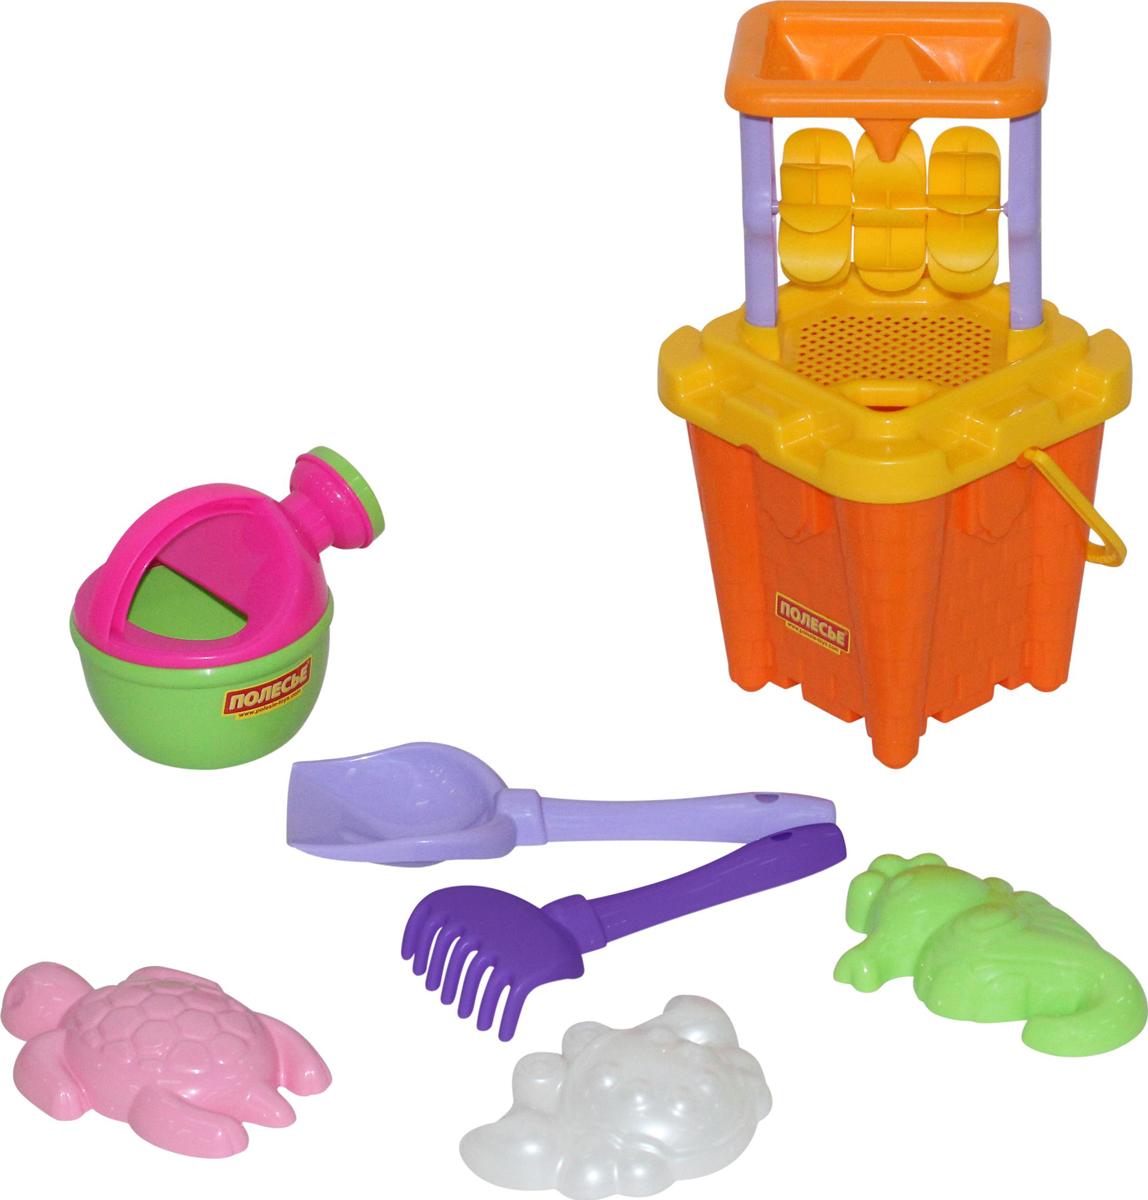 Полесье Набор игрушек для песочницы №557 полесье набор игрушек для песочницы 73